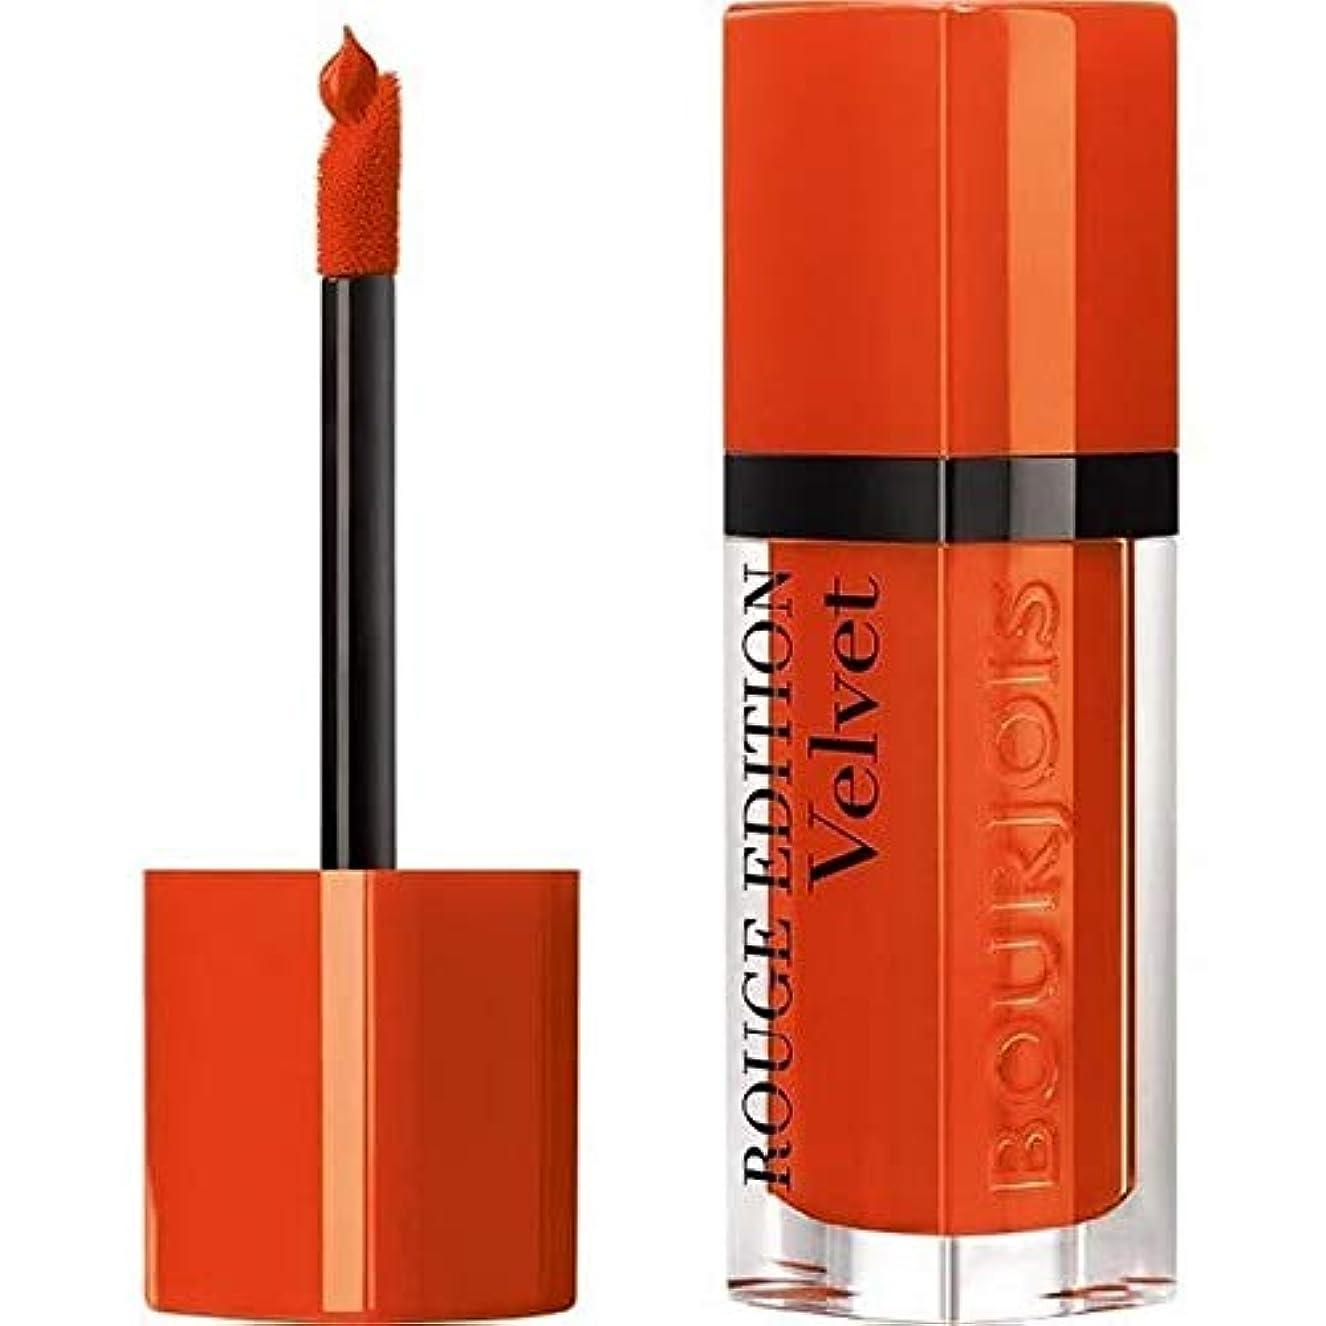 それ遠い入植者[Bourjois ] ブルジョワ液状口紅ルージュ版ベルベットOranginal 30 - Bourjois Liquid Lipstick Rouge Edition Velvet Oranginal 30 [並行輸入品]